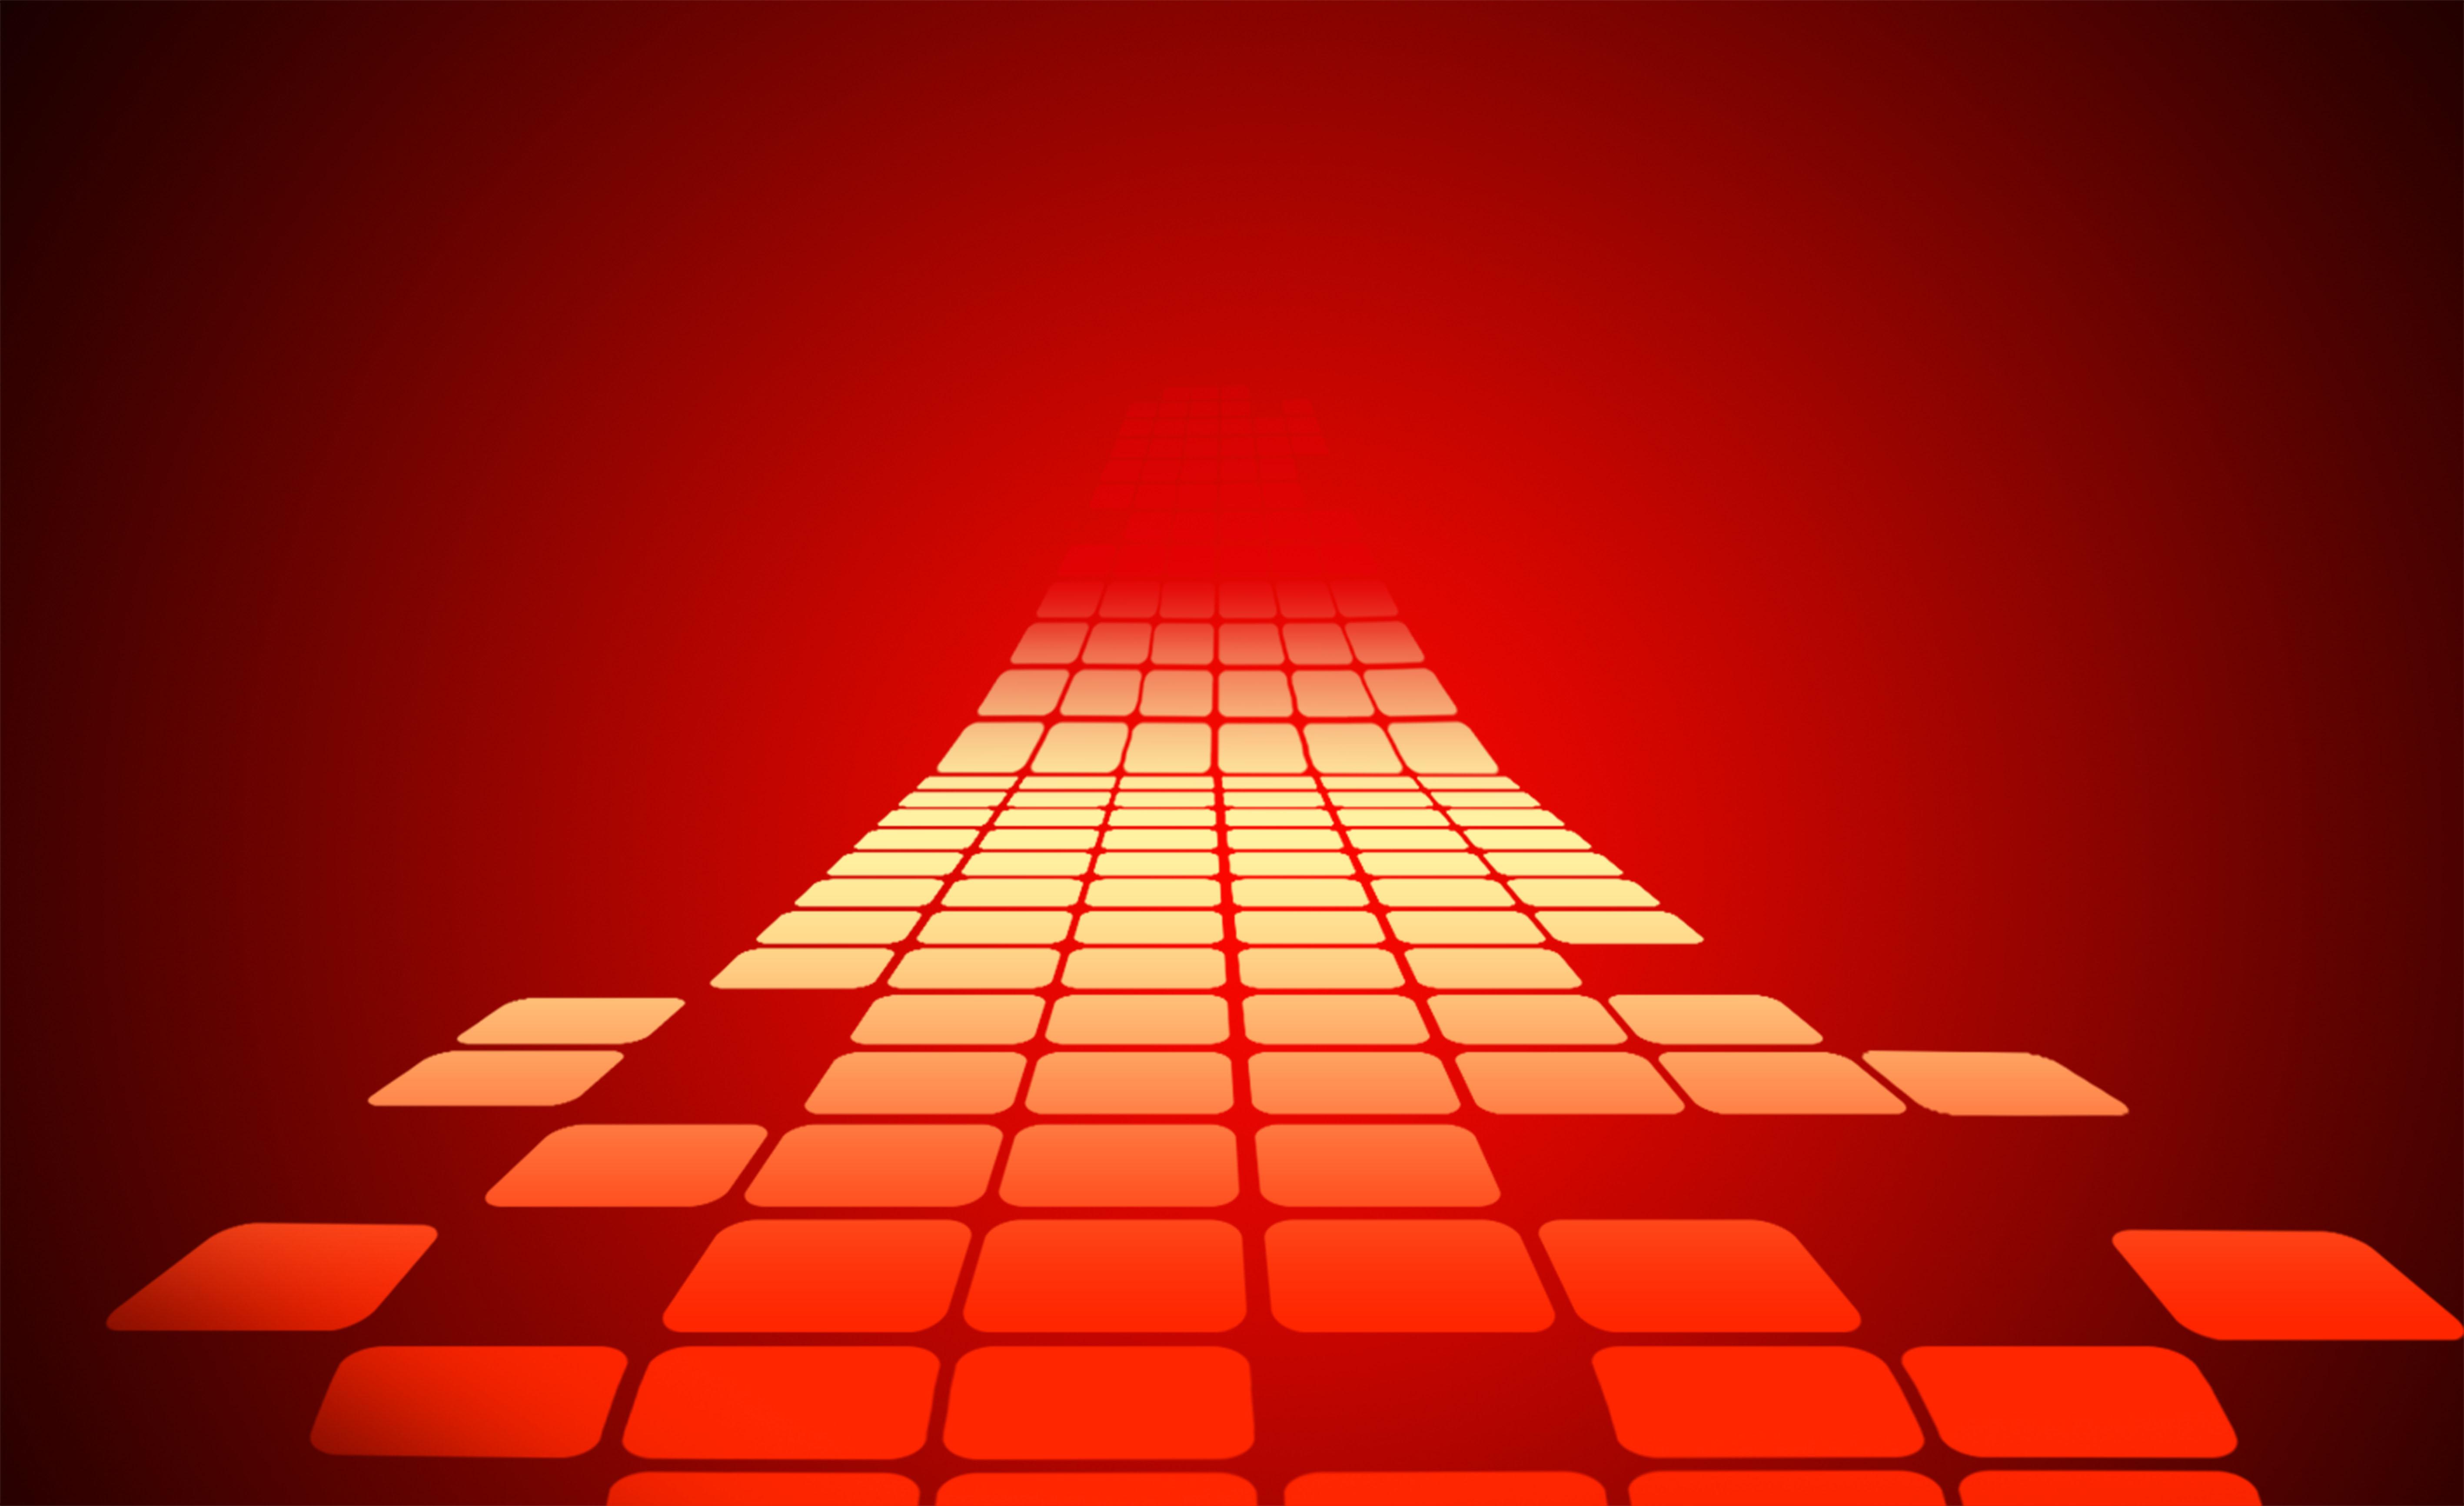 de mat u00e9riau de carte tridimensionnel de fond rouge un fond rouge de la science et de la